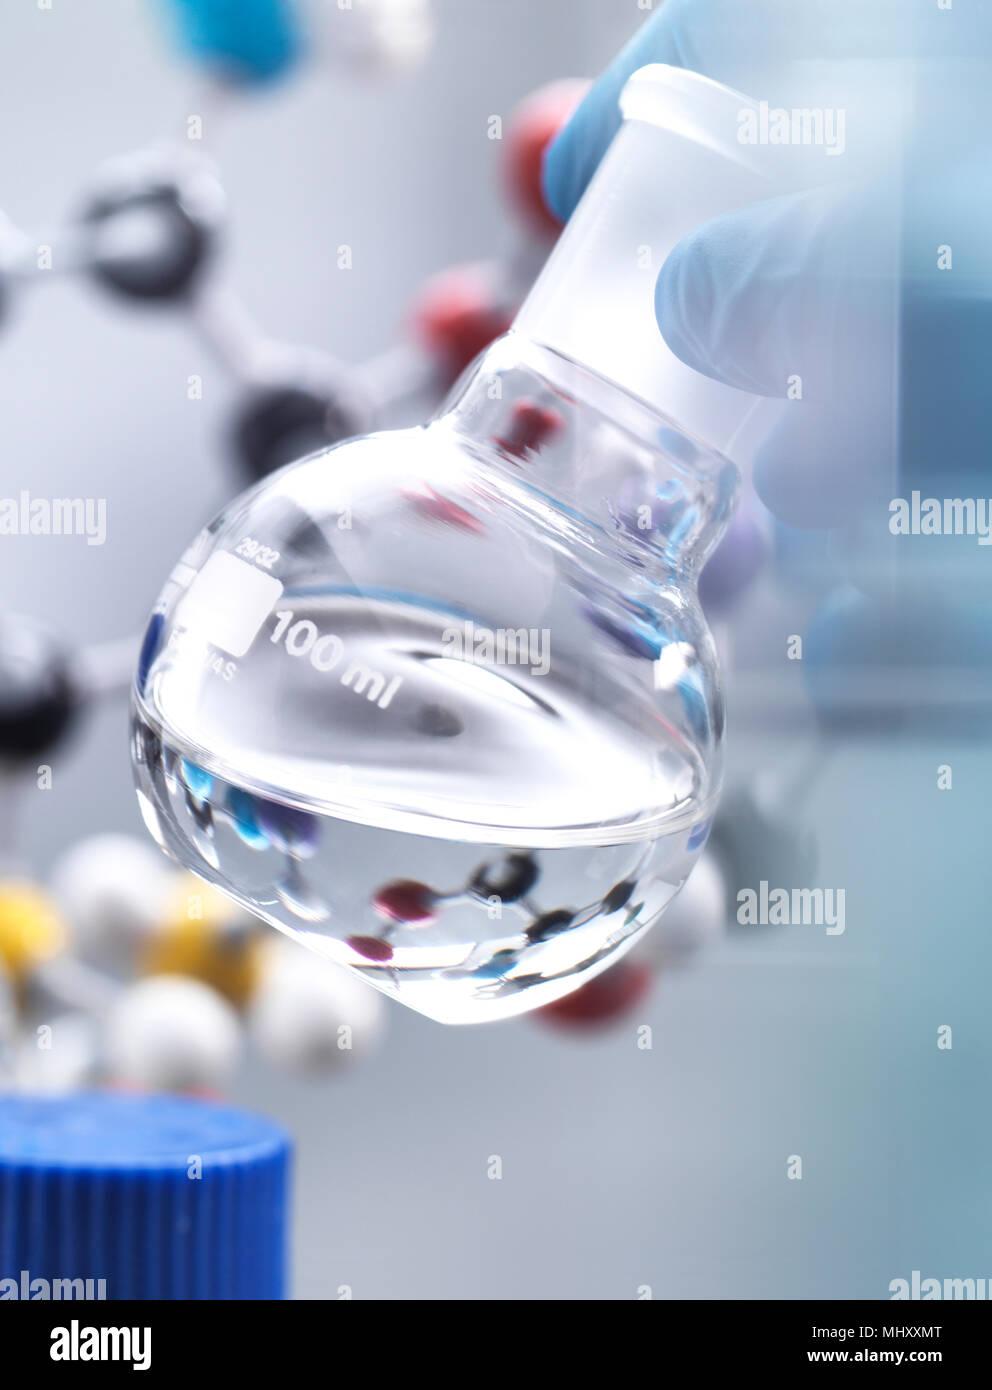 Scienziato preparazione di formula chimica in un pallone da laboratorio durante un esperimento, modello molecolare in background Immagini Stock